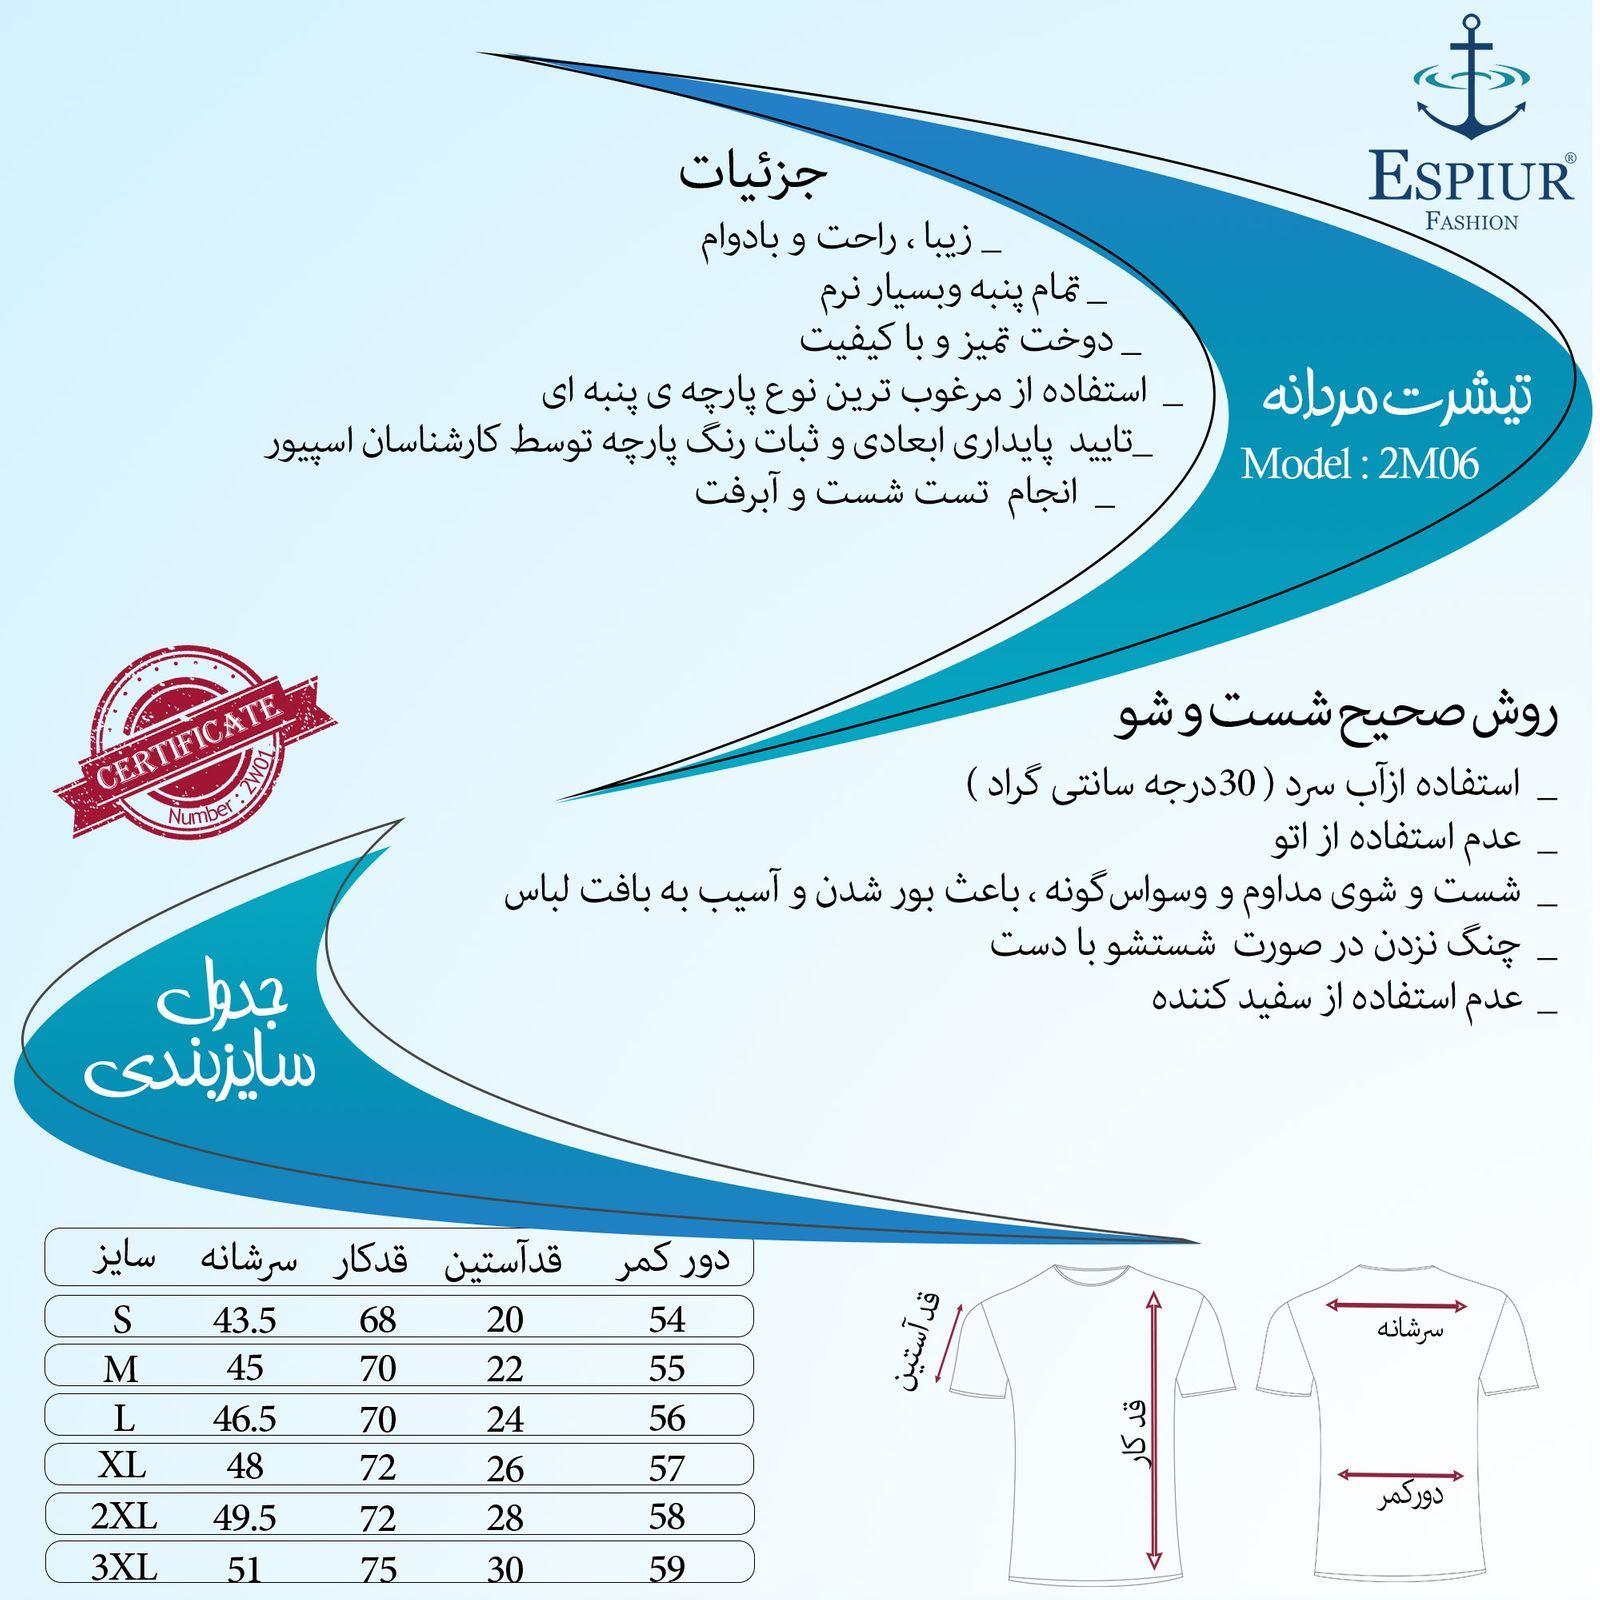 تیشرت مردانه اسپیور مدل 2M06-10 -  - 10